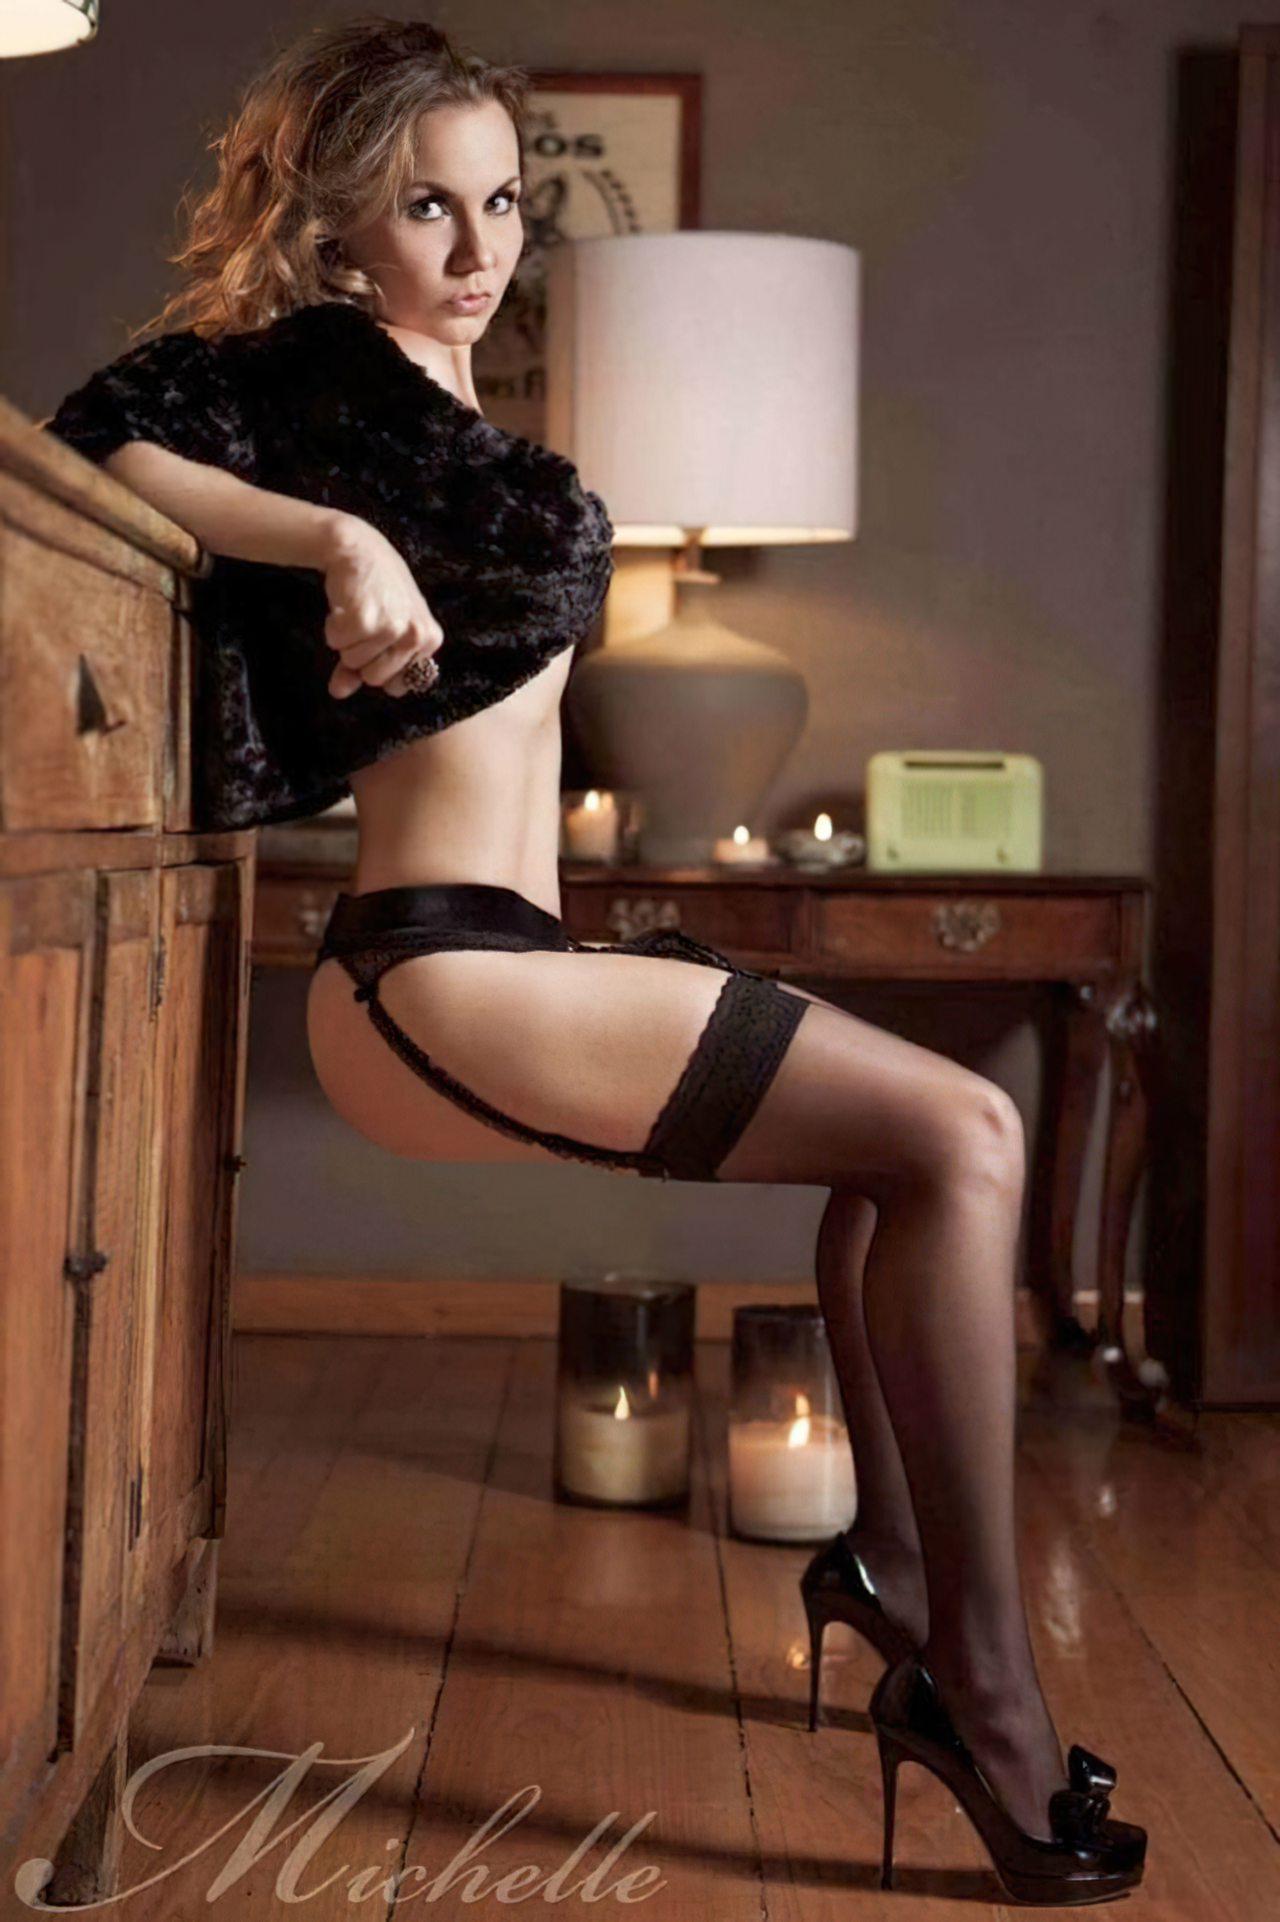 Michelle Vieth (37)